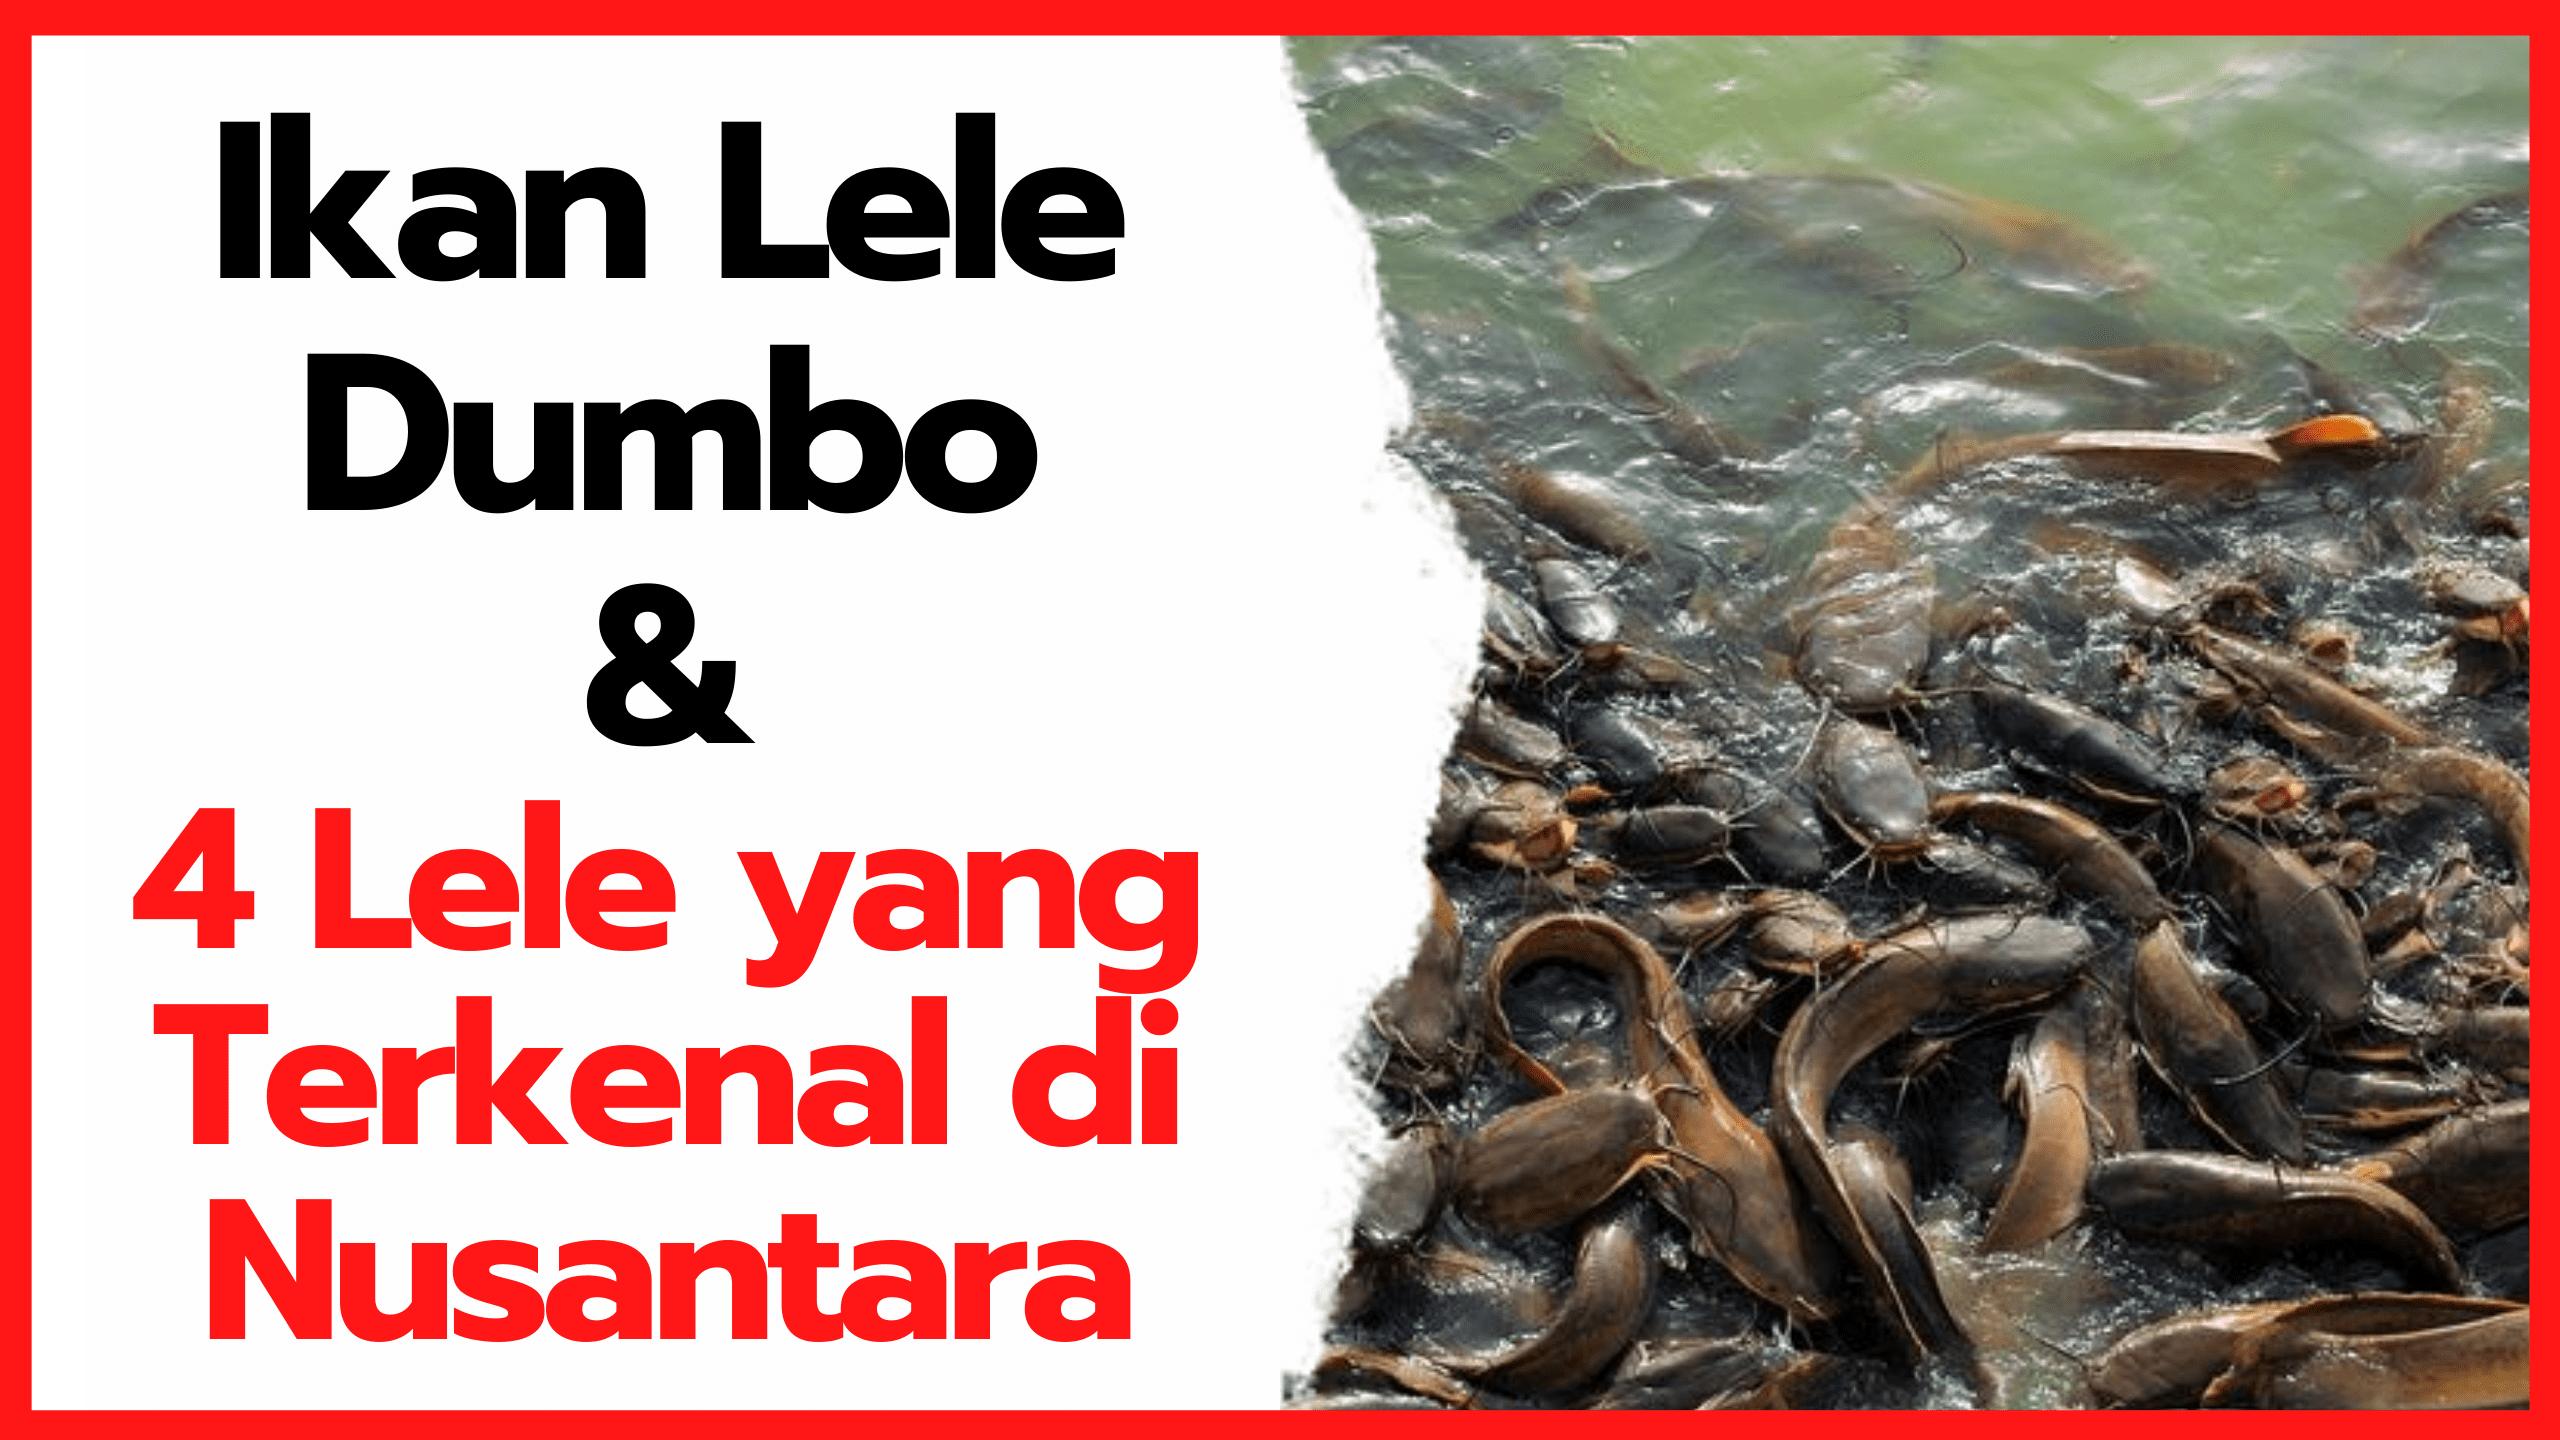 Ikan Lele Dumbo dan 4 Lele yang Terkenal di Nusantara